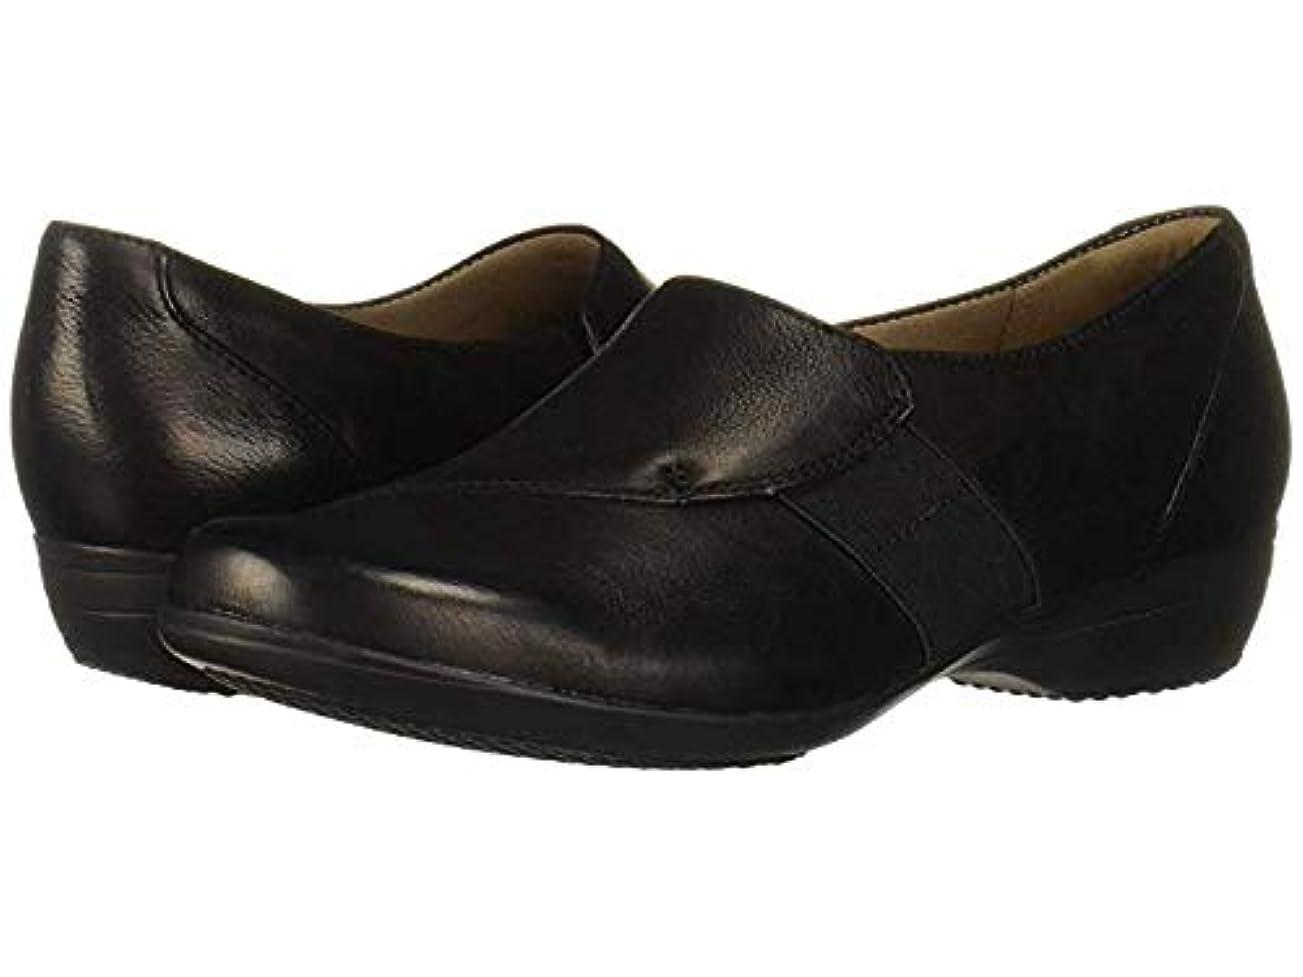 リネン自転車キャロラインレディースローファー?靴 Fae Black Burnished Nubuck (23.5-24cm) Regular [並行輸入品]